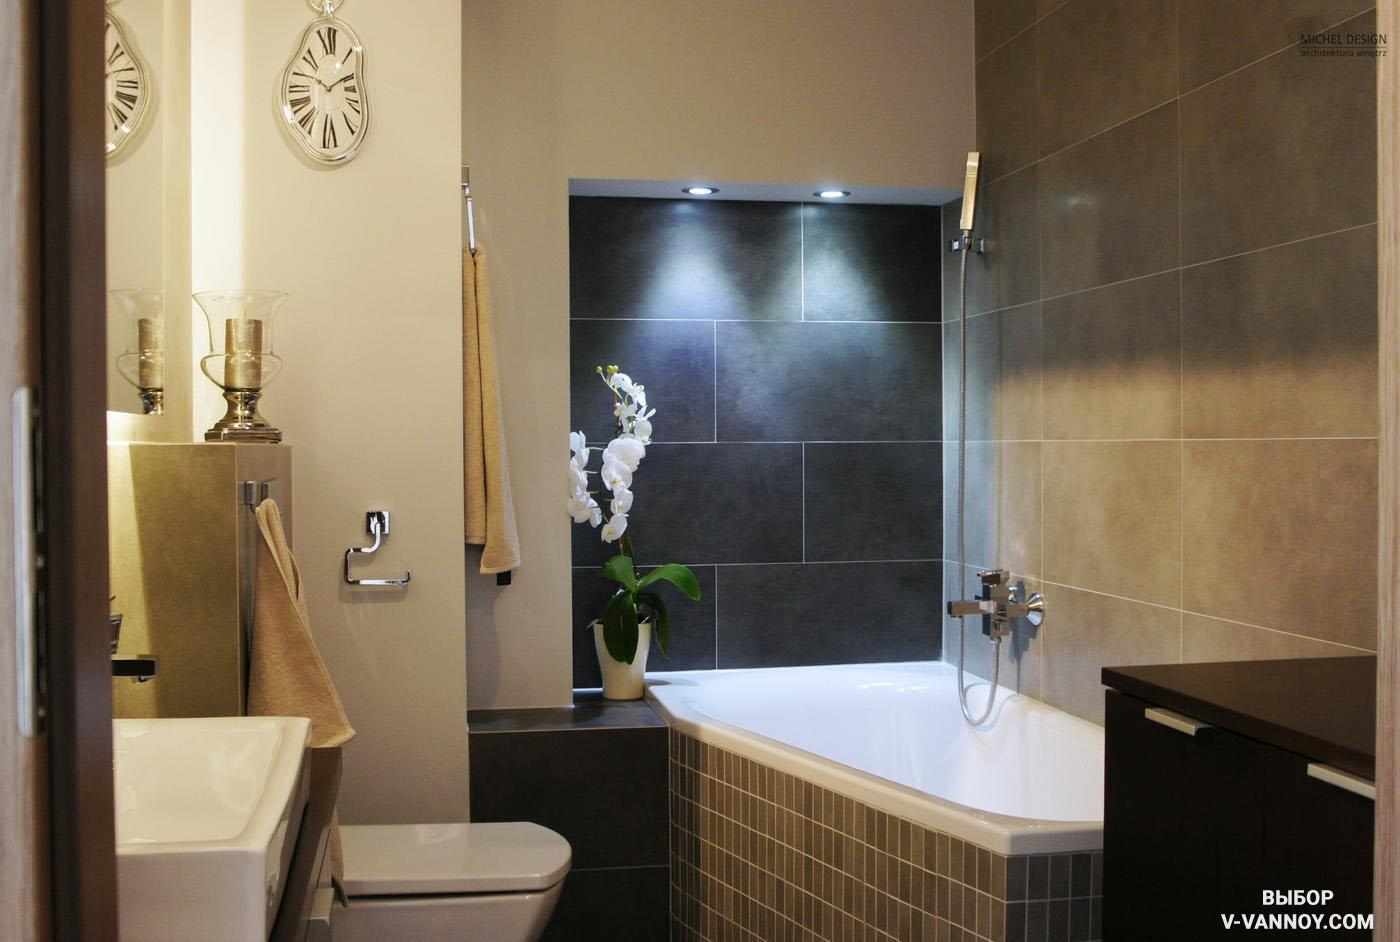 Ванная комната 3 6м2 форум ванные комнаты фото